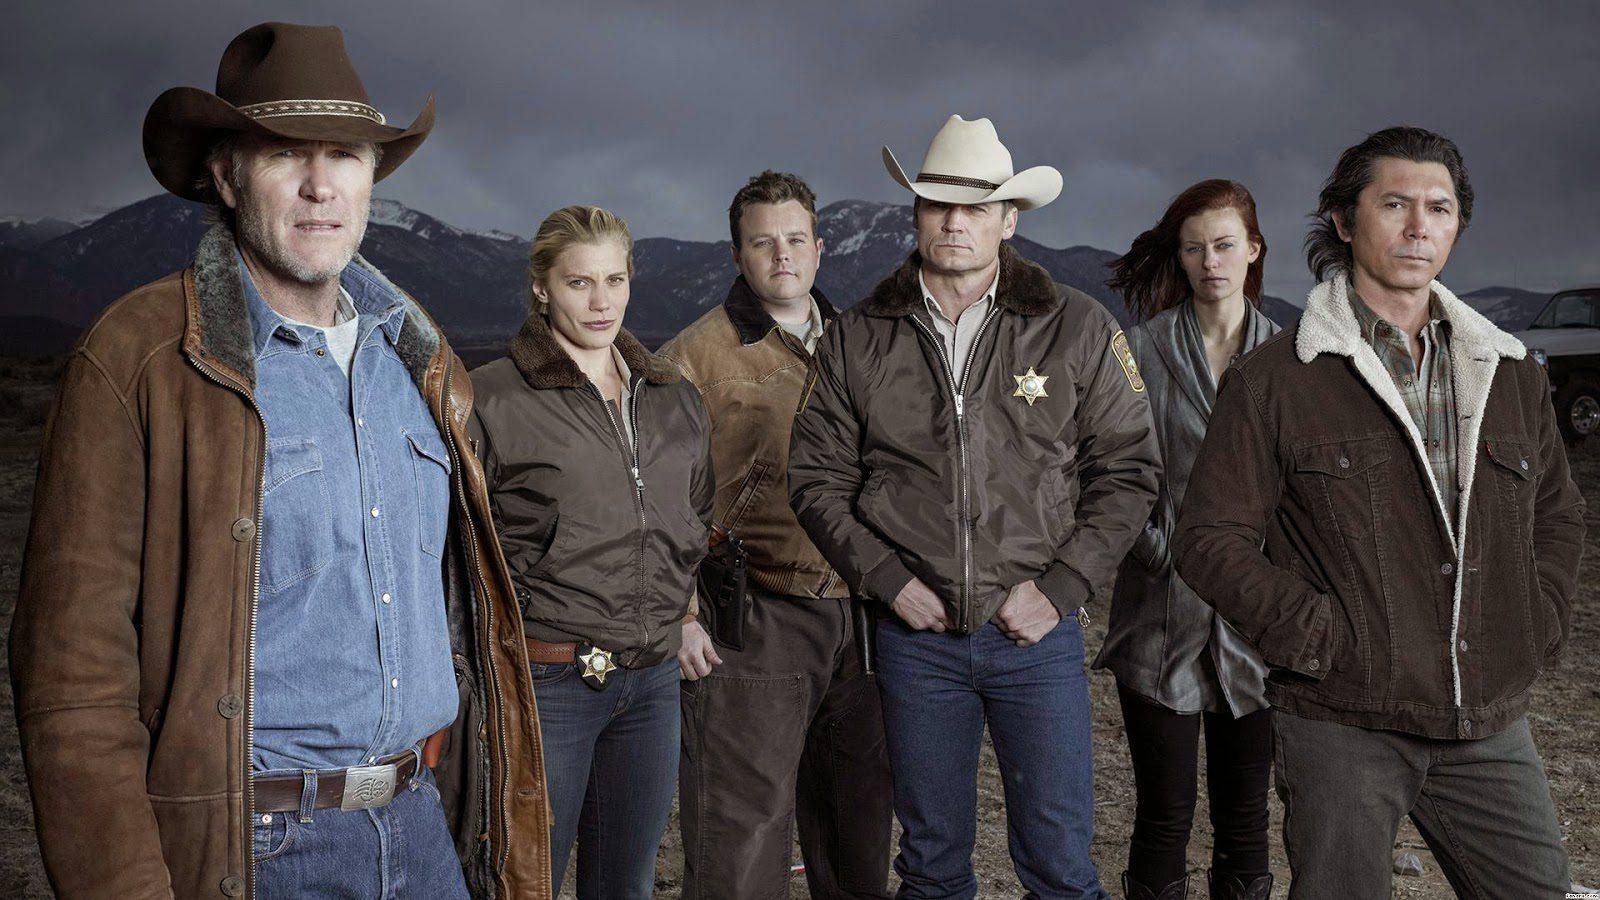 Longmire was filmed in New Mexico